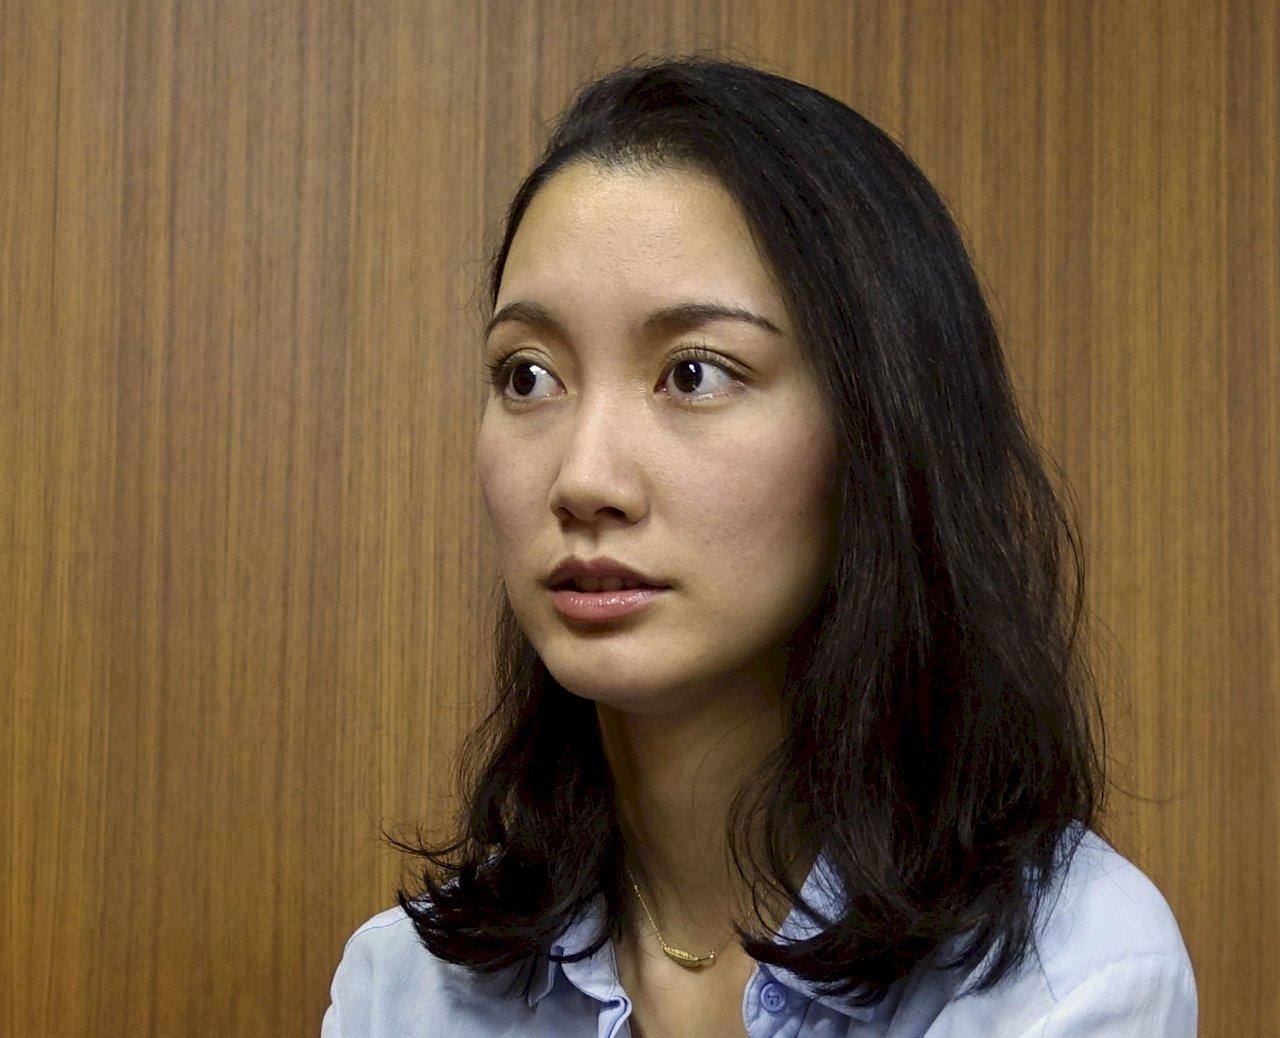 日版MeToo 美女記者控訴遭安倍御用喉舌性侵